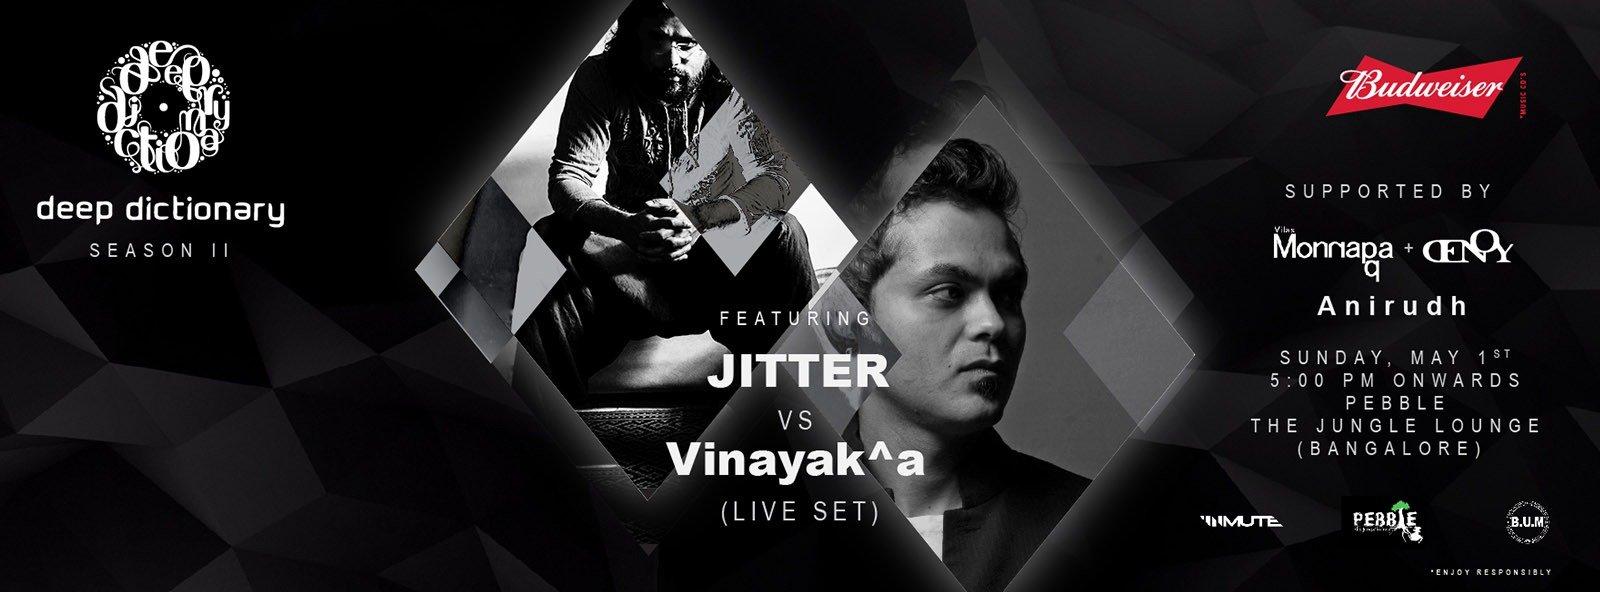 Jitter & vinyaka